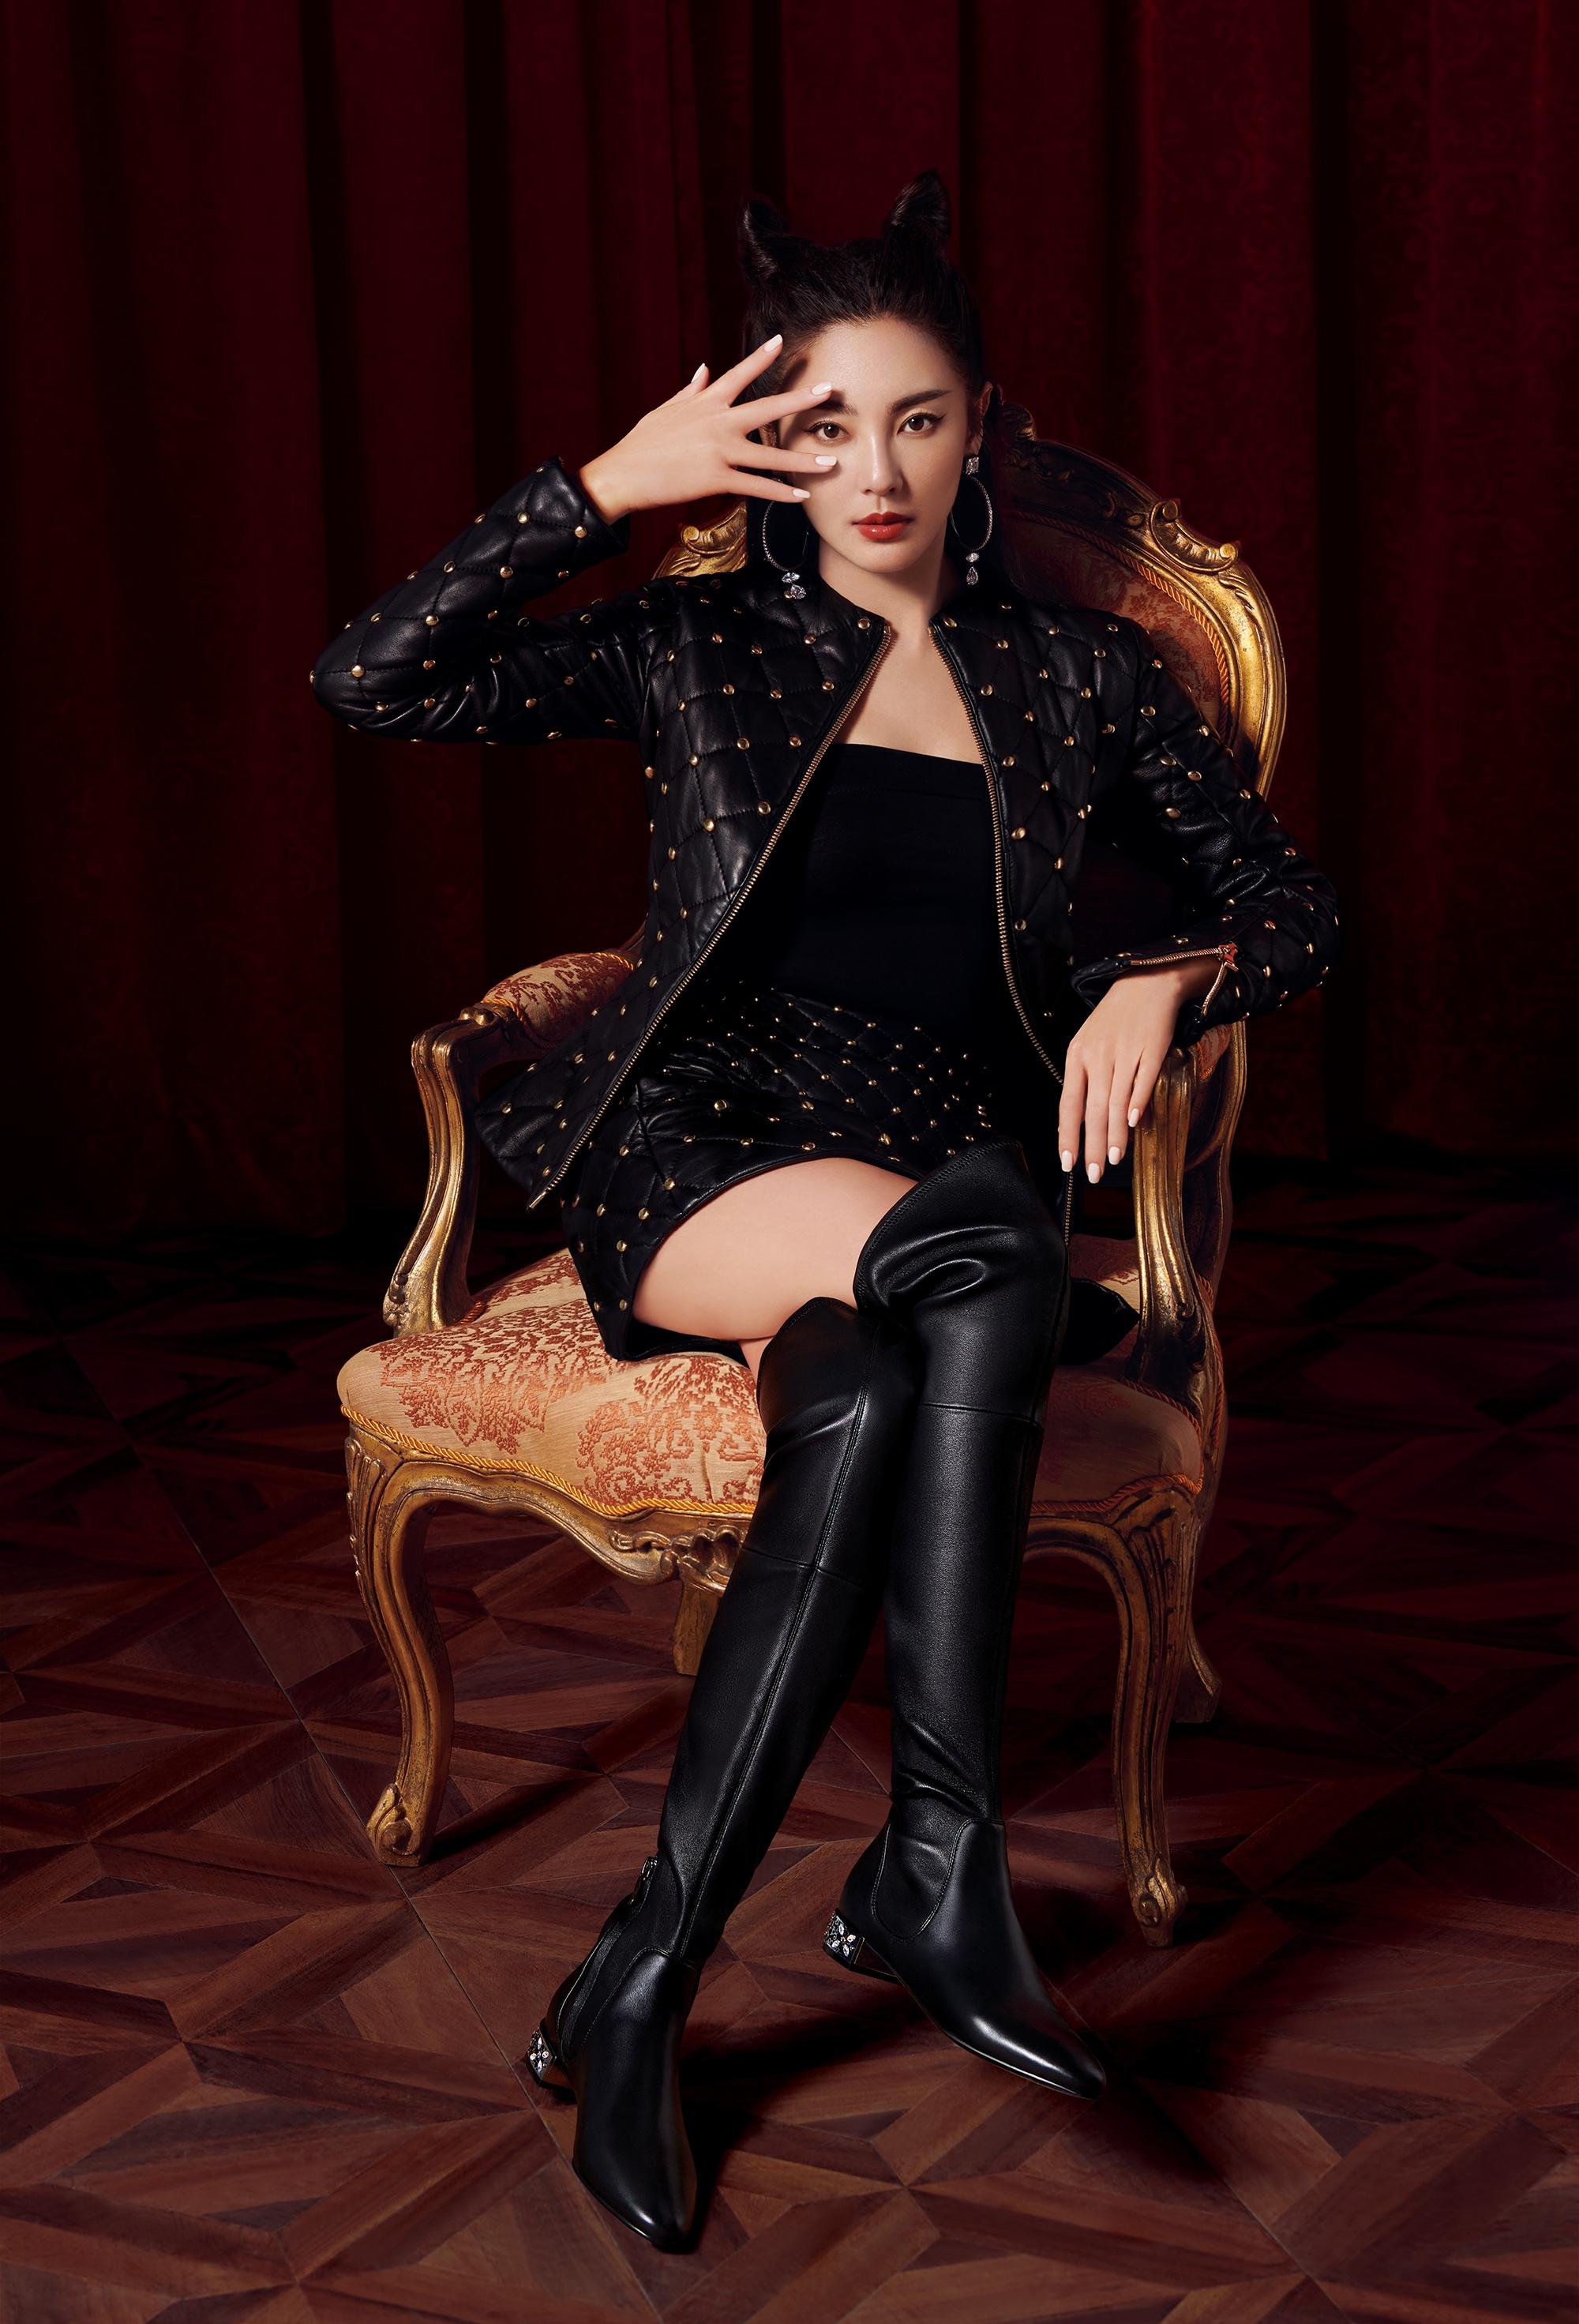 品牌 张雨绮 女王 高调 代言人 张雨绮官 天生 造型 演员 高跟鞋 少女 官宣 演技 平底鞋 长裙 实力